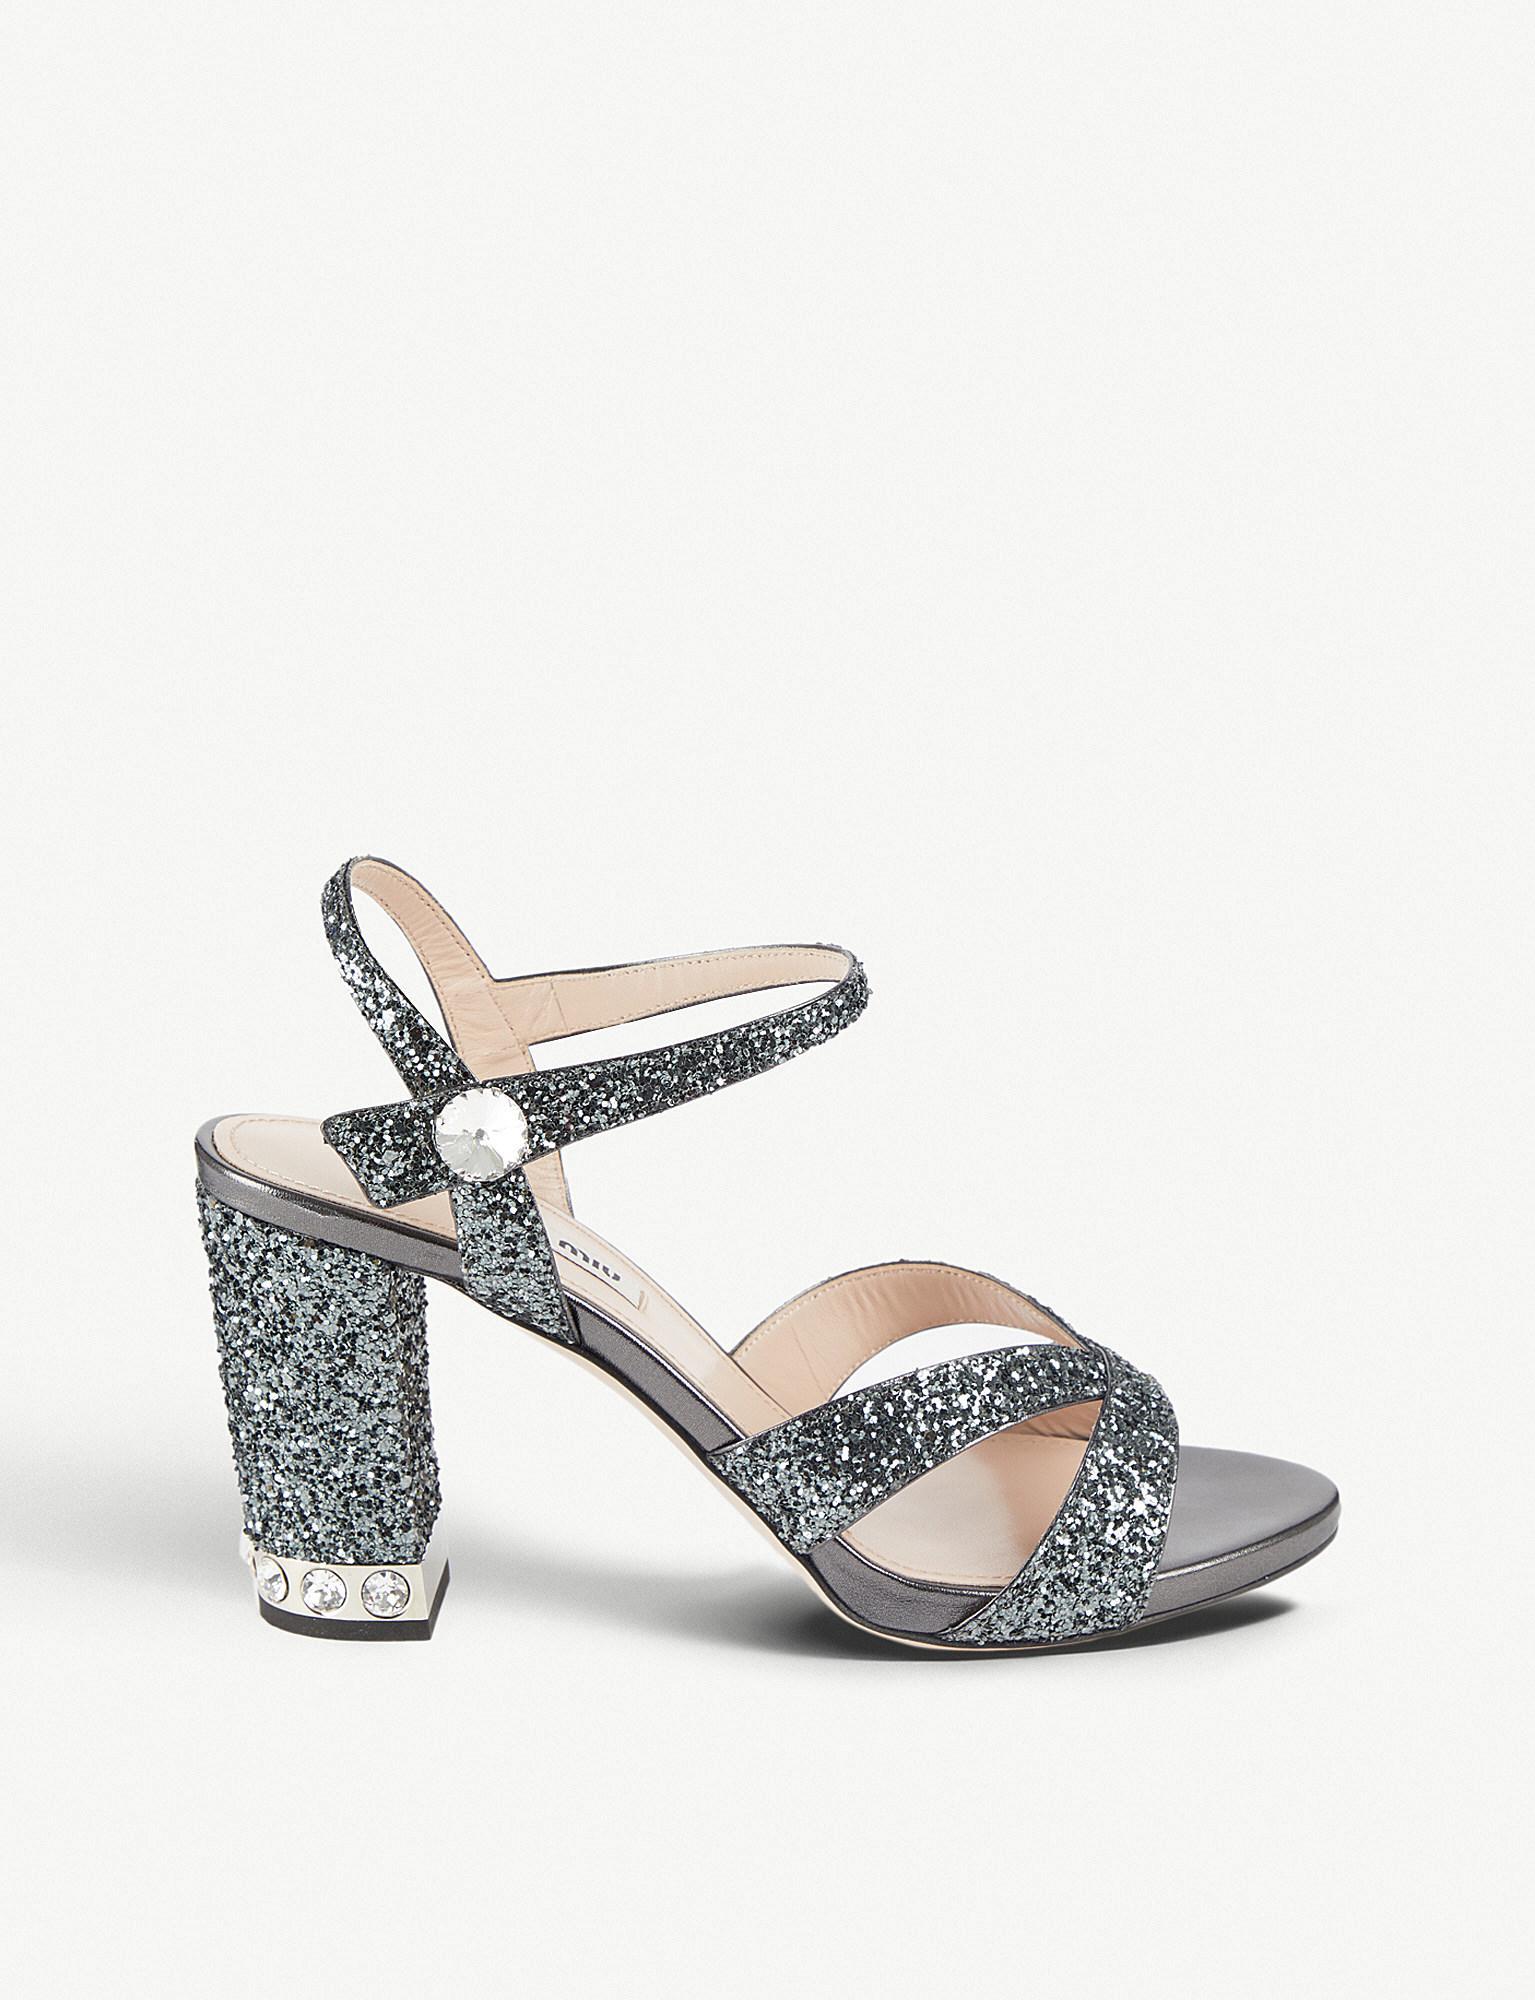 57fee8f71 Lyst - Miu Miu Crystal-embellished Glitter Sandals in Metallic